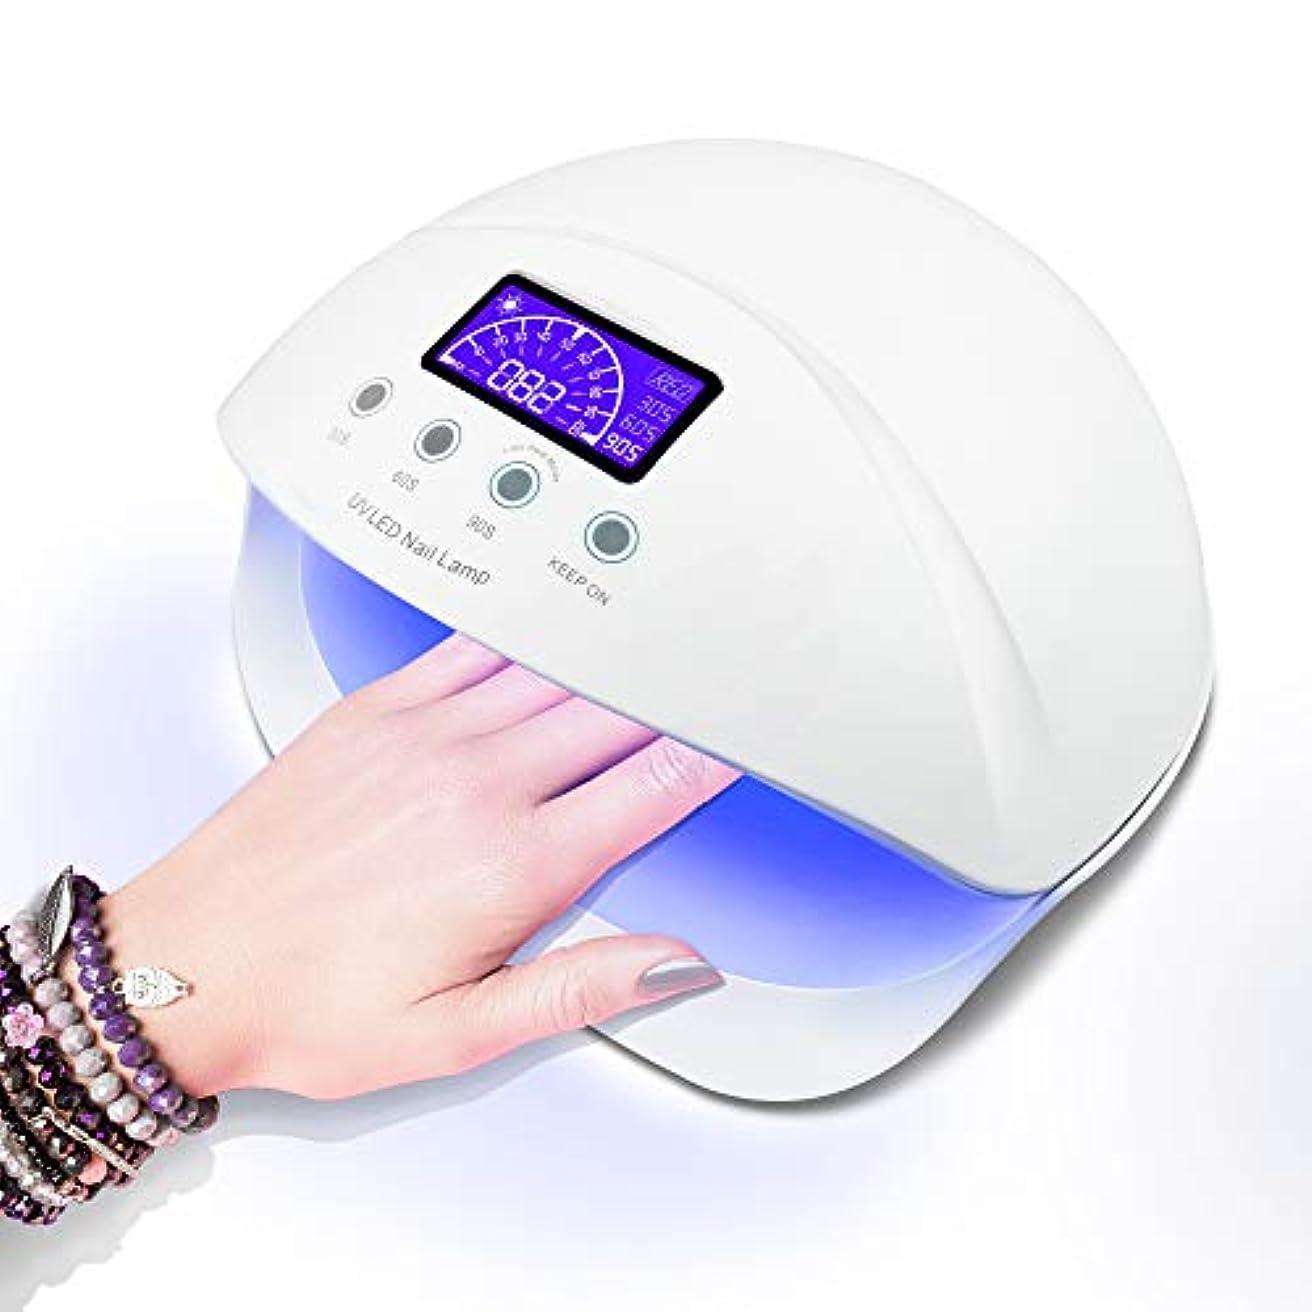 あいまいさメンタリティ適応LED ネイルドライヤー UVネイルライト 50W ハイパワー ジェルネイルライト 肌をケア センサータイマー付き UVライト 速乾UV ネイル ハンドフット両用  ネイル led ライト [日本語取扱説明書付き]